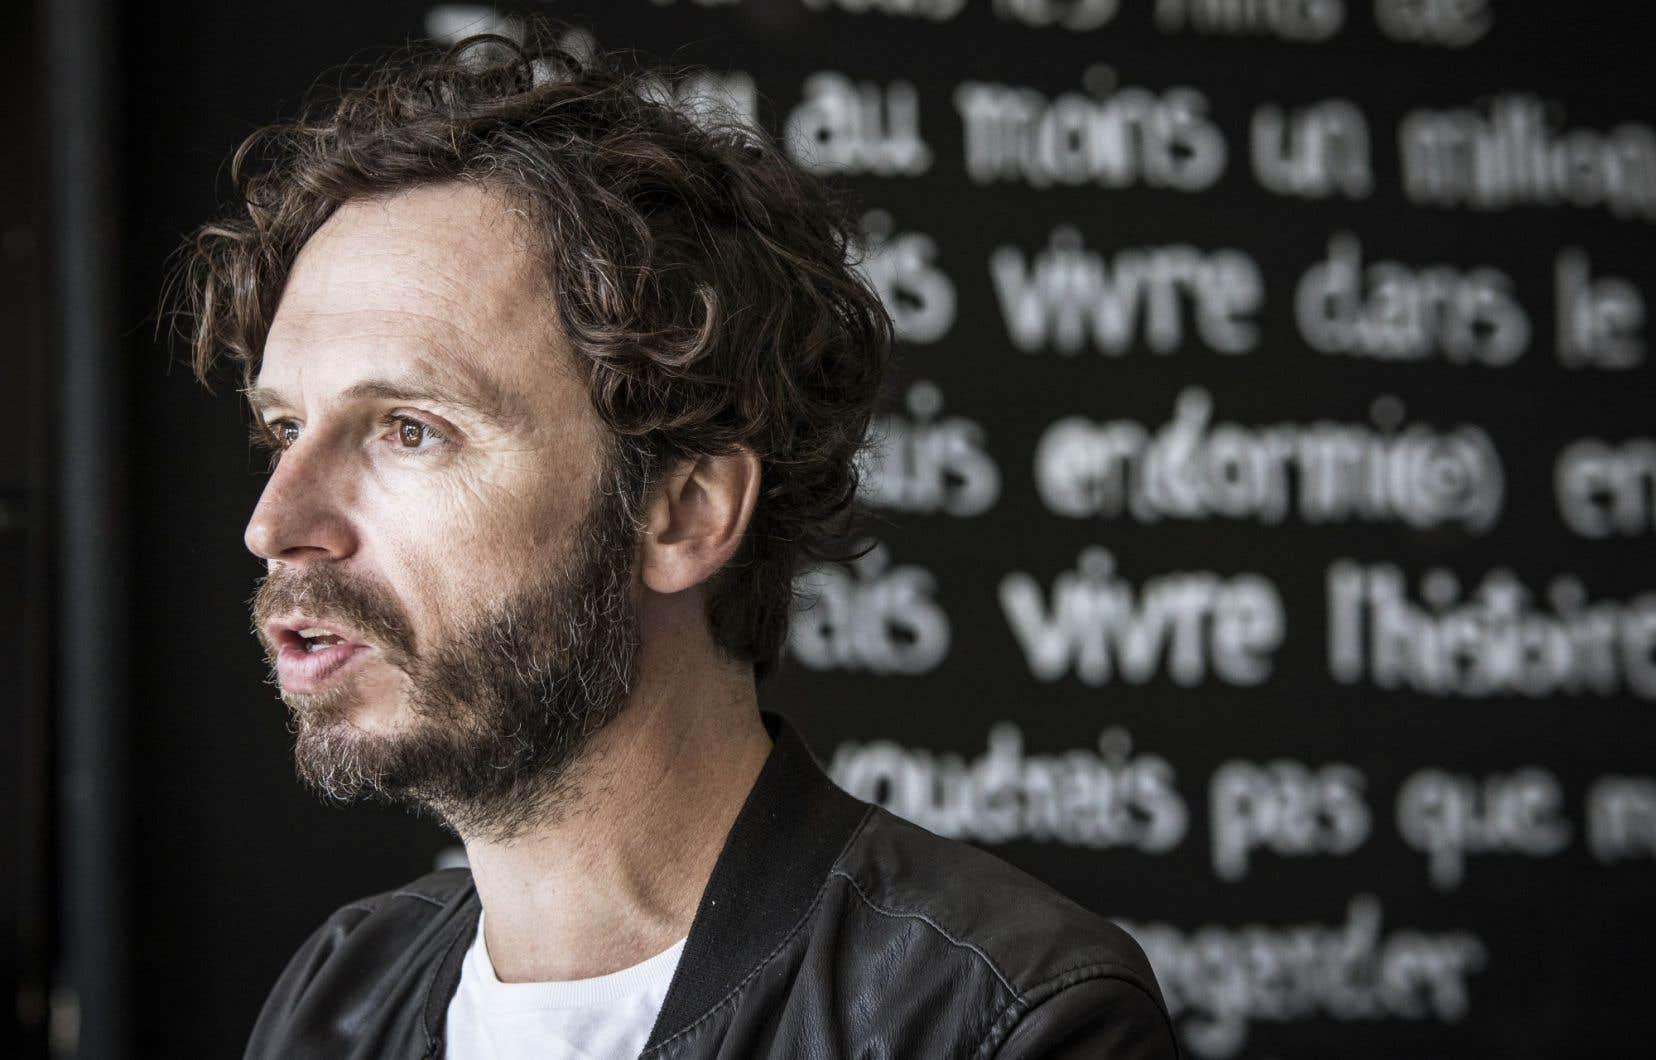 Le réalisateur Sébastien Pilote tournera «La disparition des lucioles» dans quelques mois.